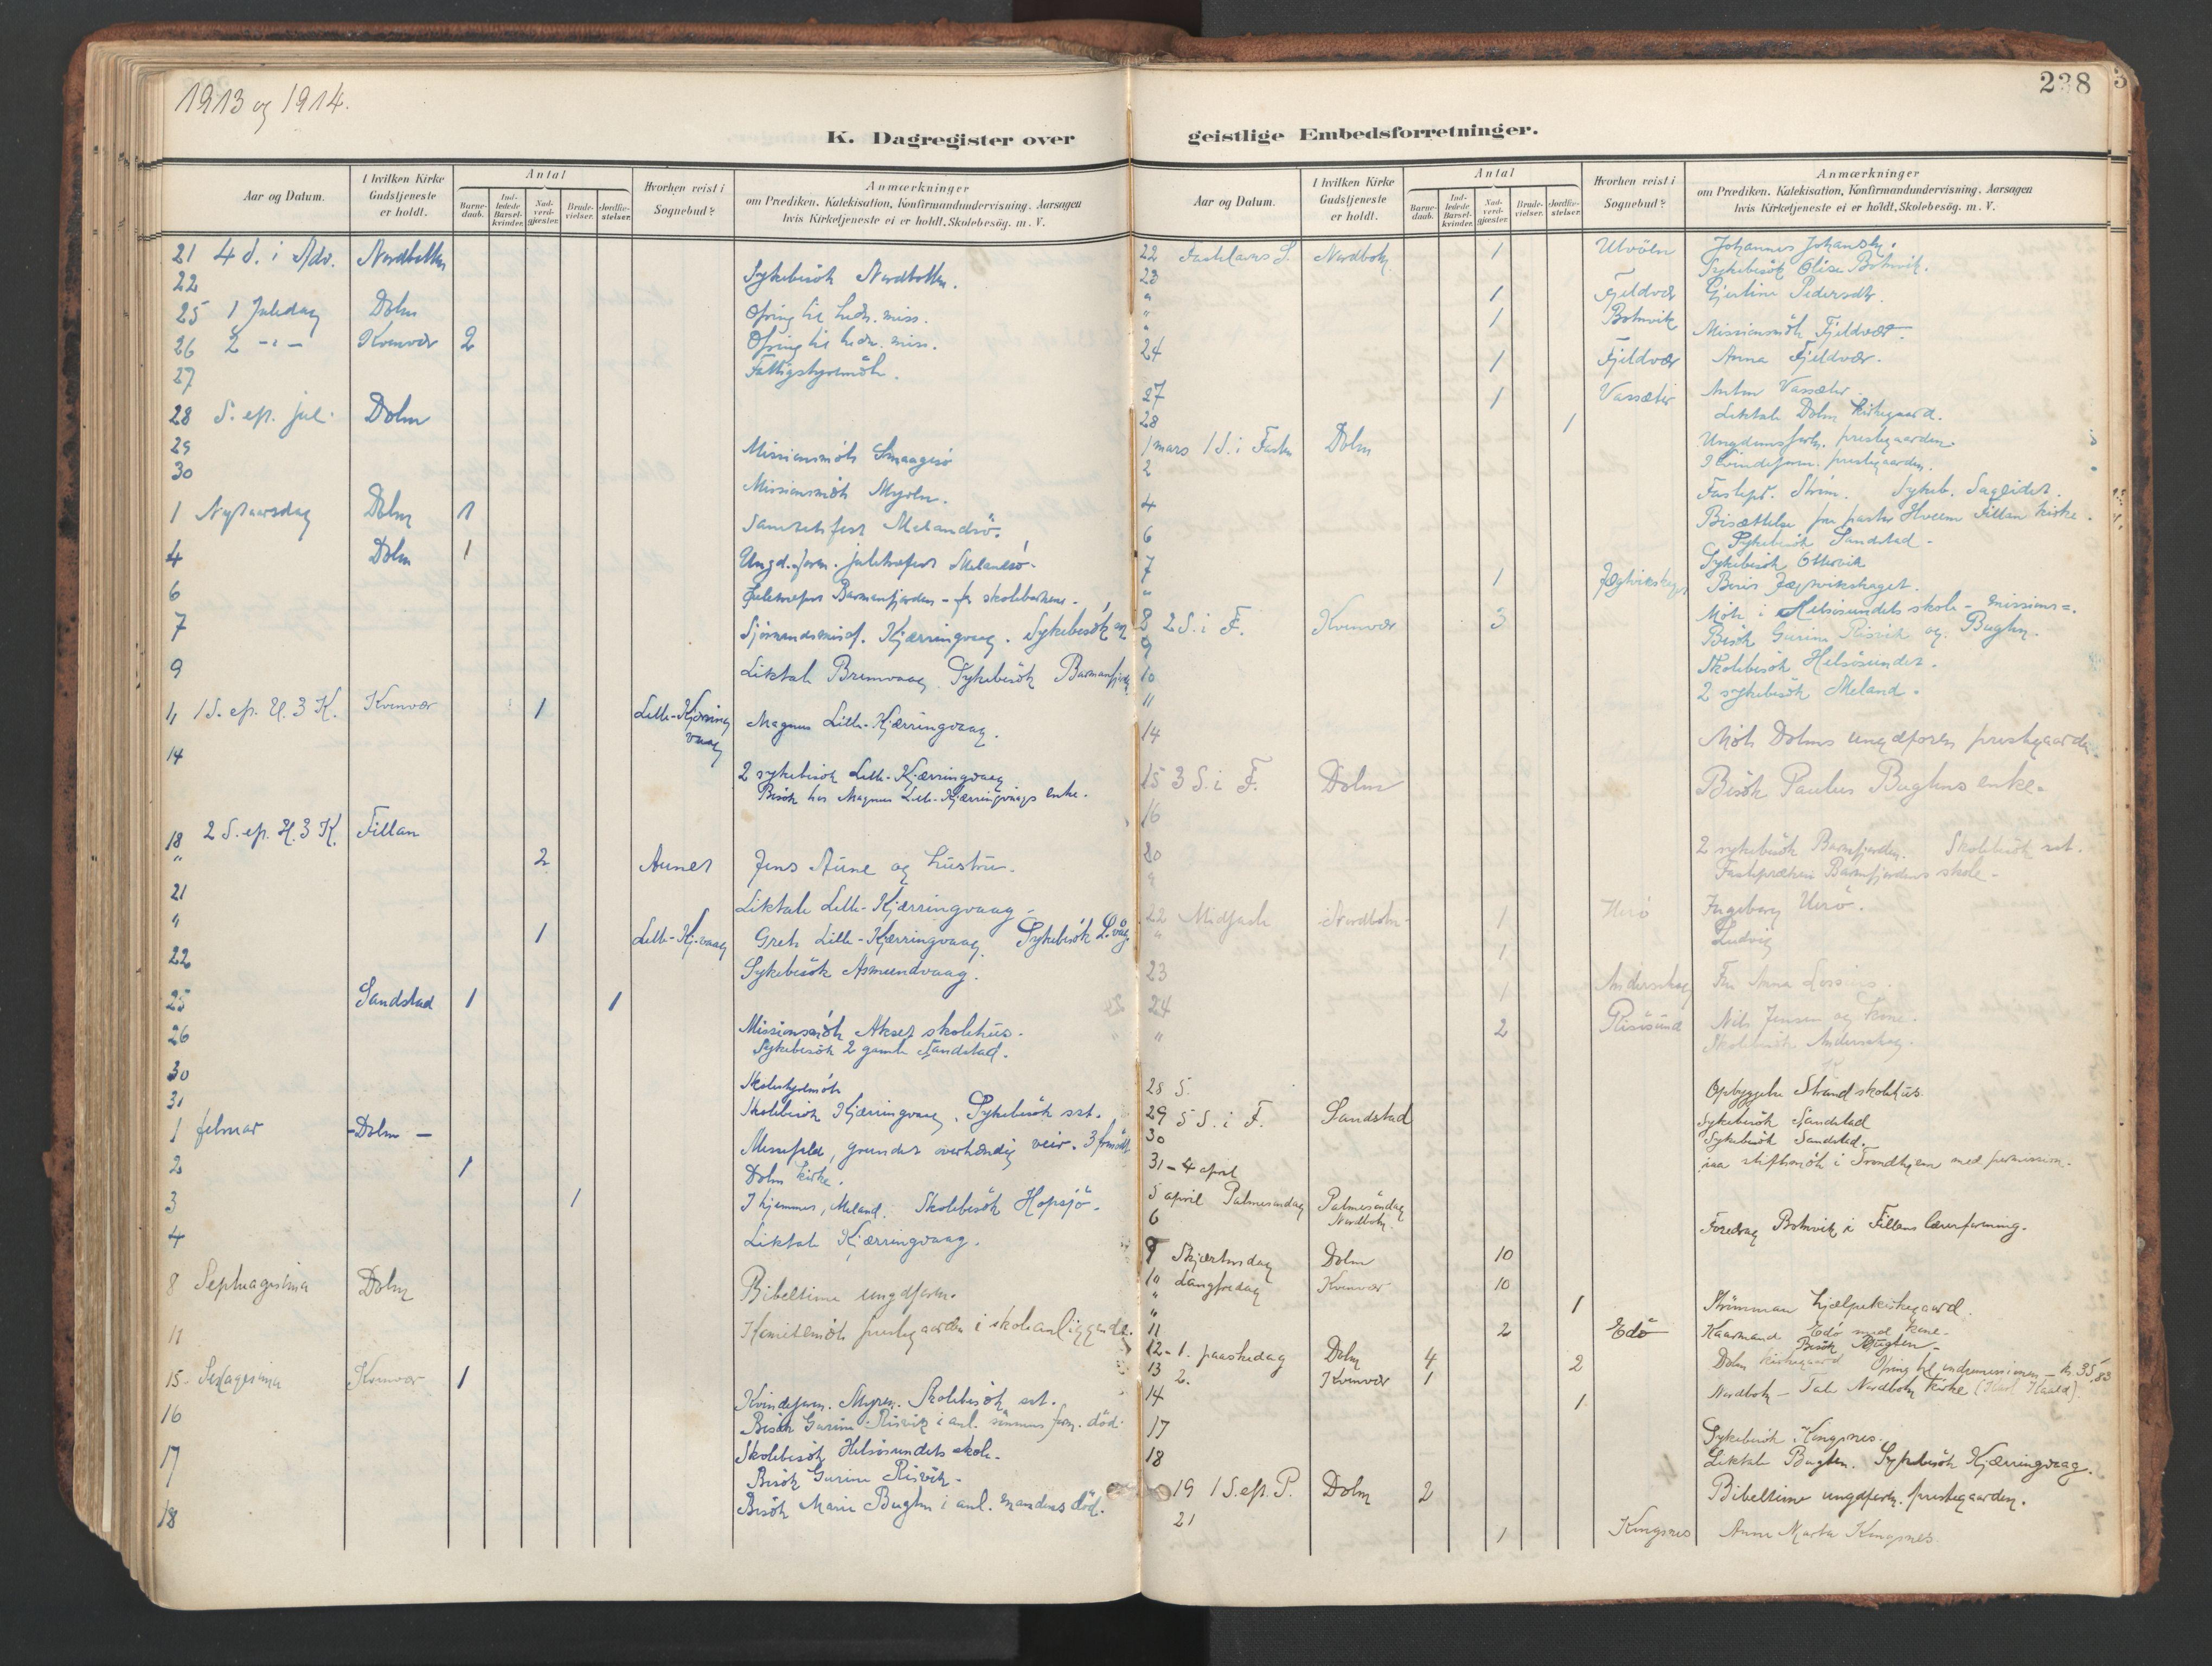 SAT, Ministerialprotokoller, klokkerbøker og fødselsregistre - Sør-Trøndelag, 634/L0537: Ministerialbok nr. 634A13, 1896-1922, s. 238